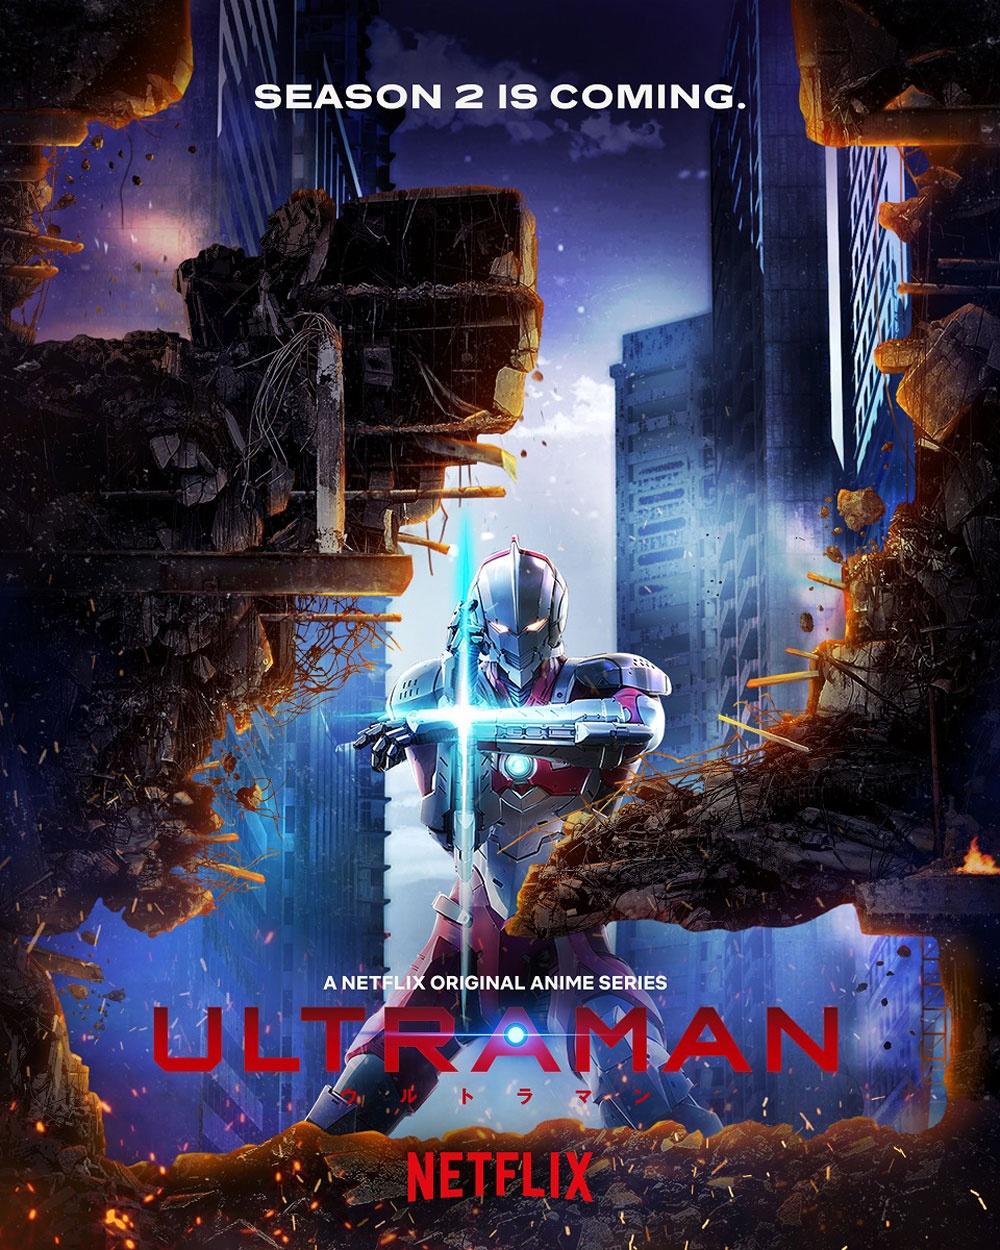 【写真を見る】フランスのアヌシー国際アニメーション映画祭にて「ULTRAMAN」のシーズン2制作が発表された